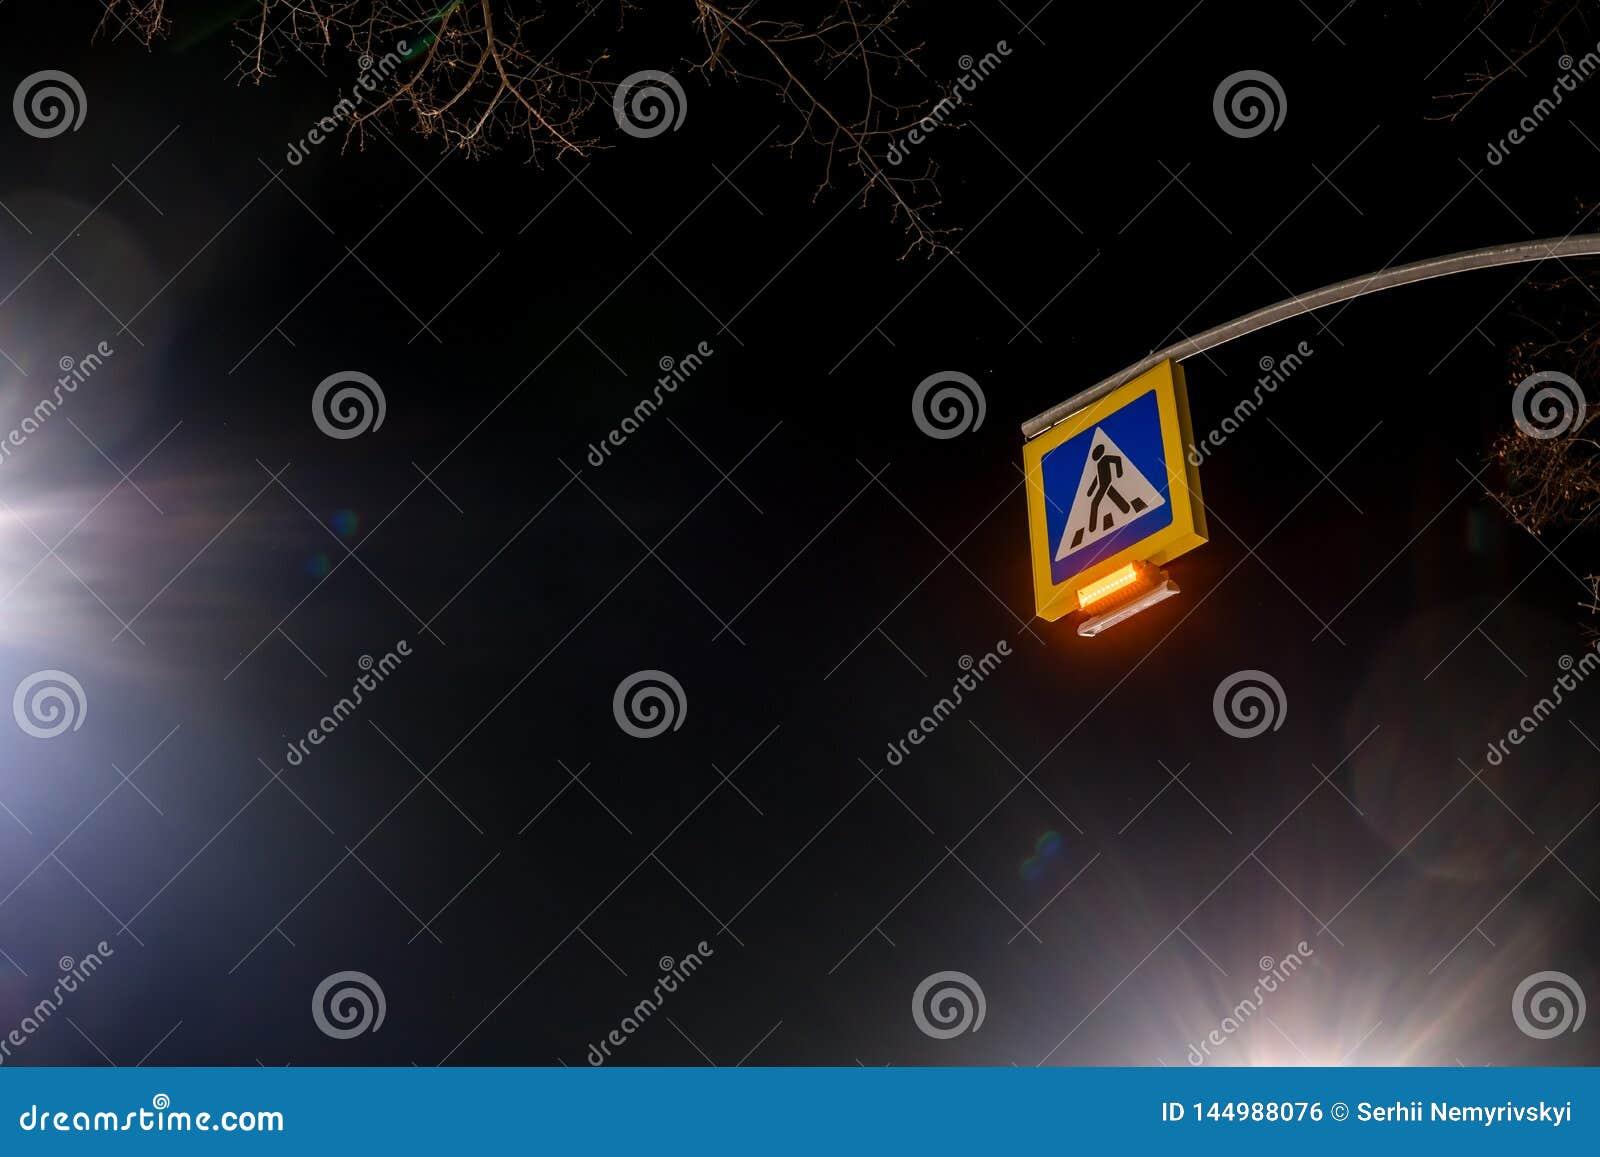 Уличное освещение, поддержки для потолков с лампами приведенными конц